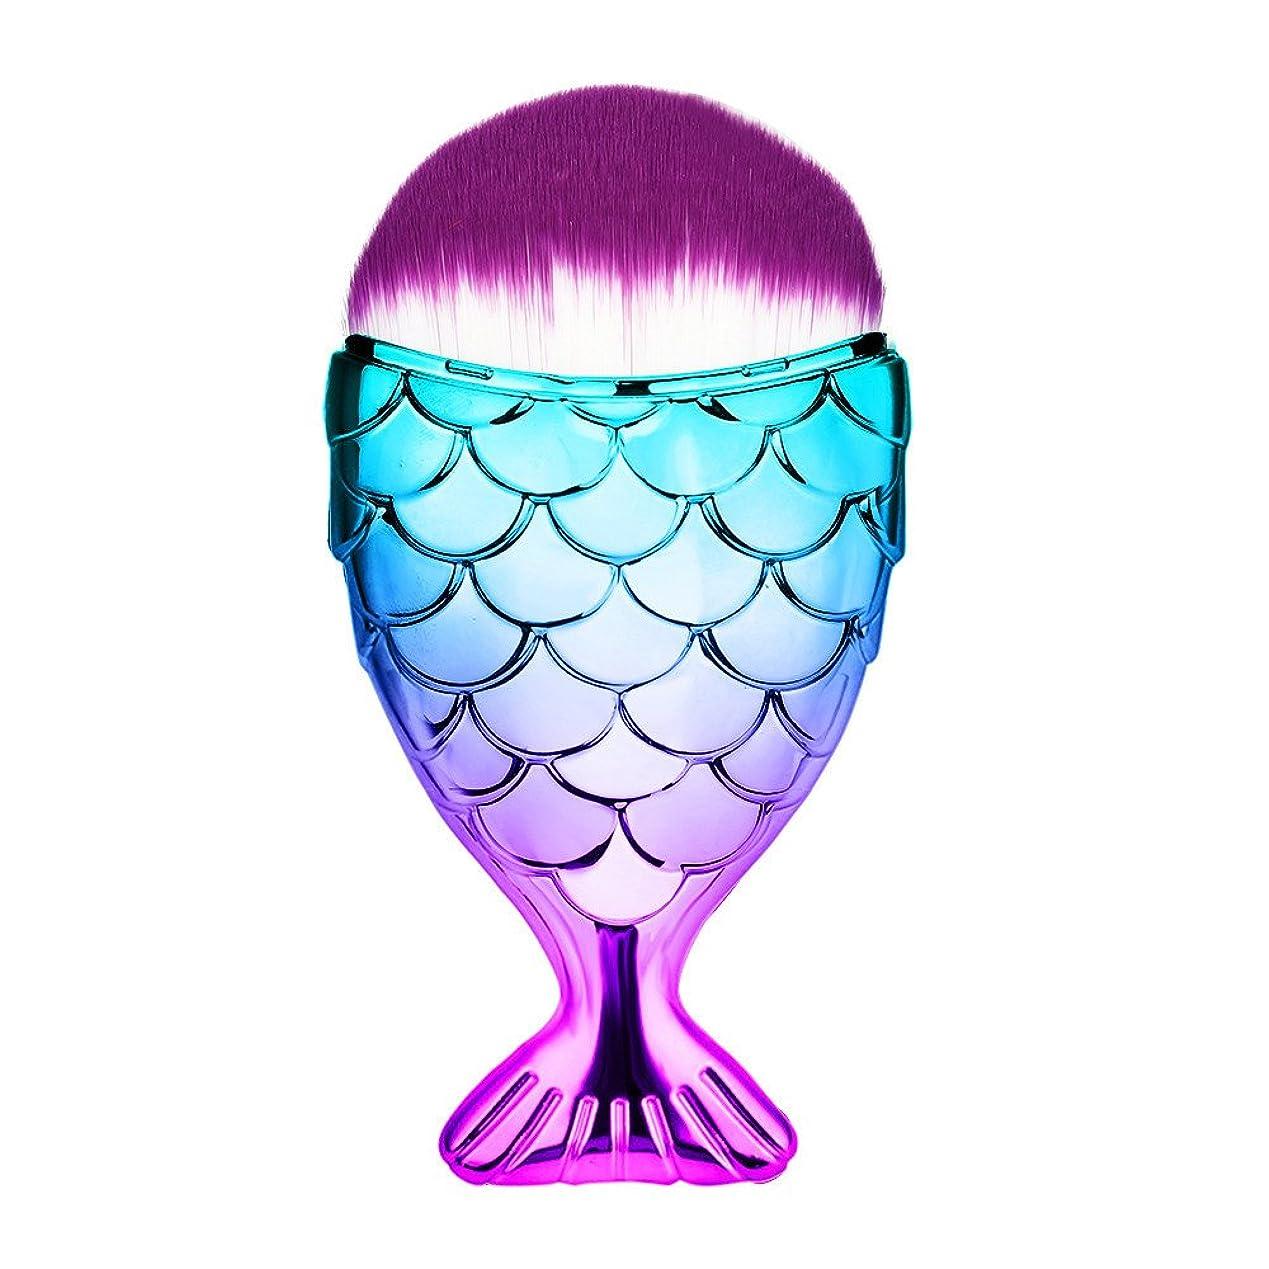 咲くブル実施する(プタス)Putars メイクブラシ ファンデーションブラシ 人魚姫 カラフル 紫毛 化粧ブラシ ふわふわ お肌に優しい 毛量たっぷり メイク道具 プレゼント